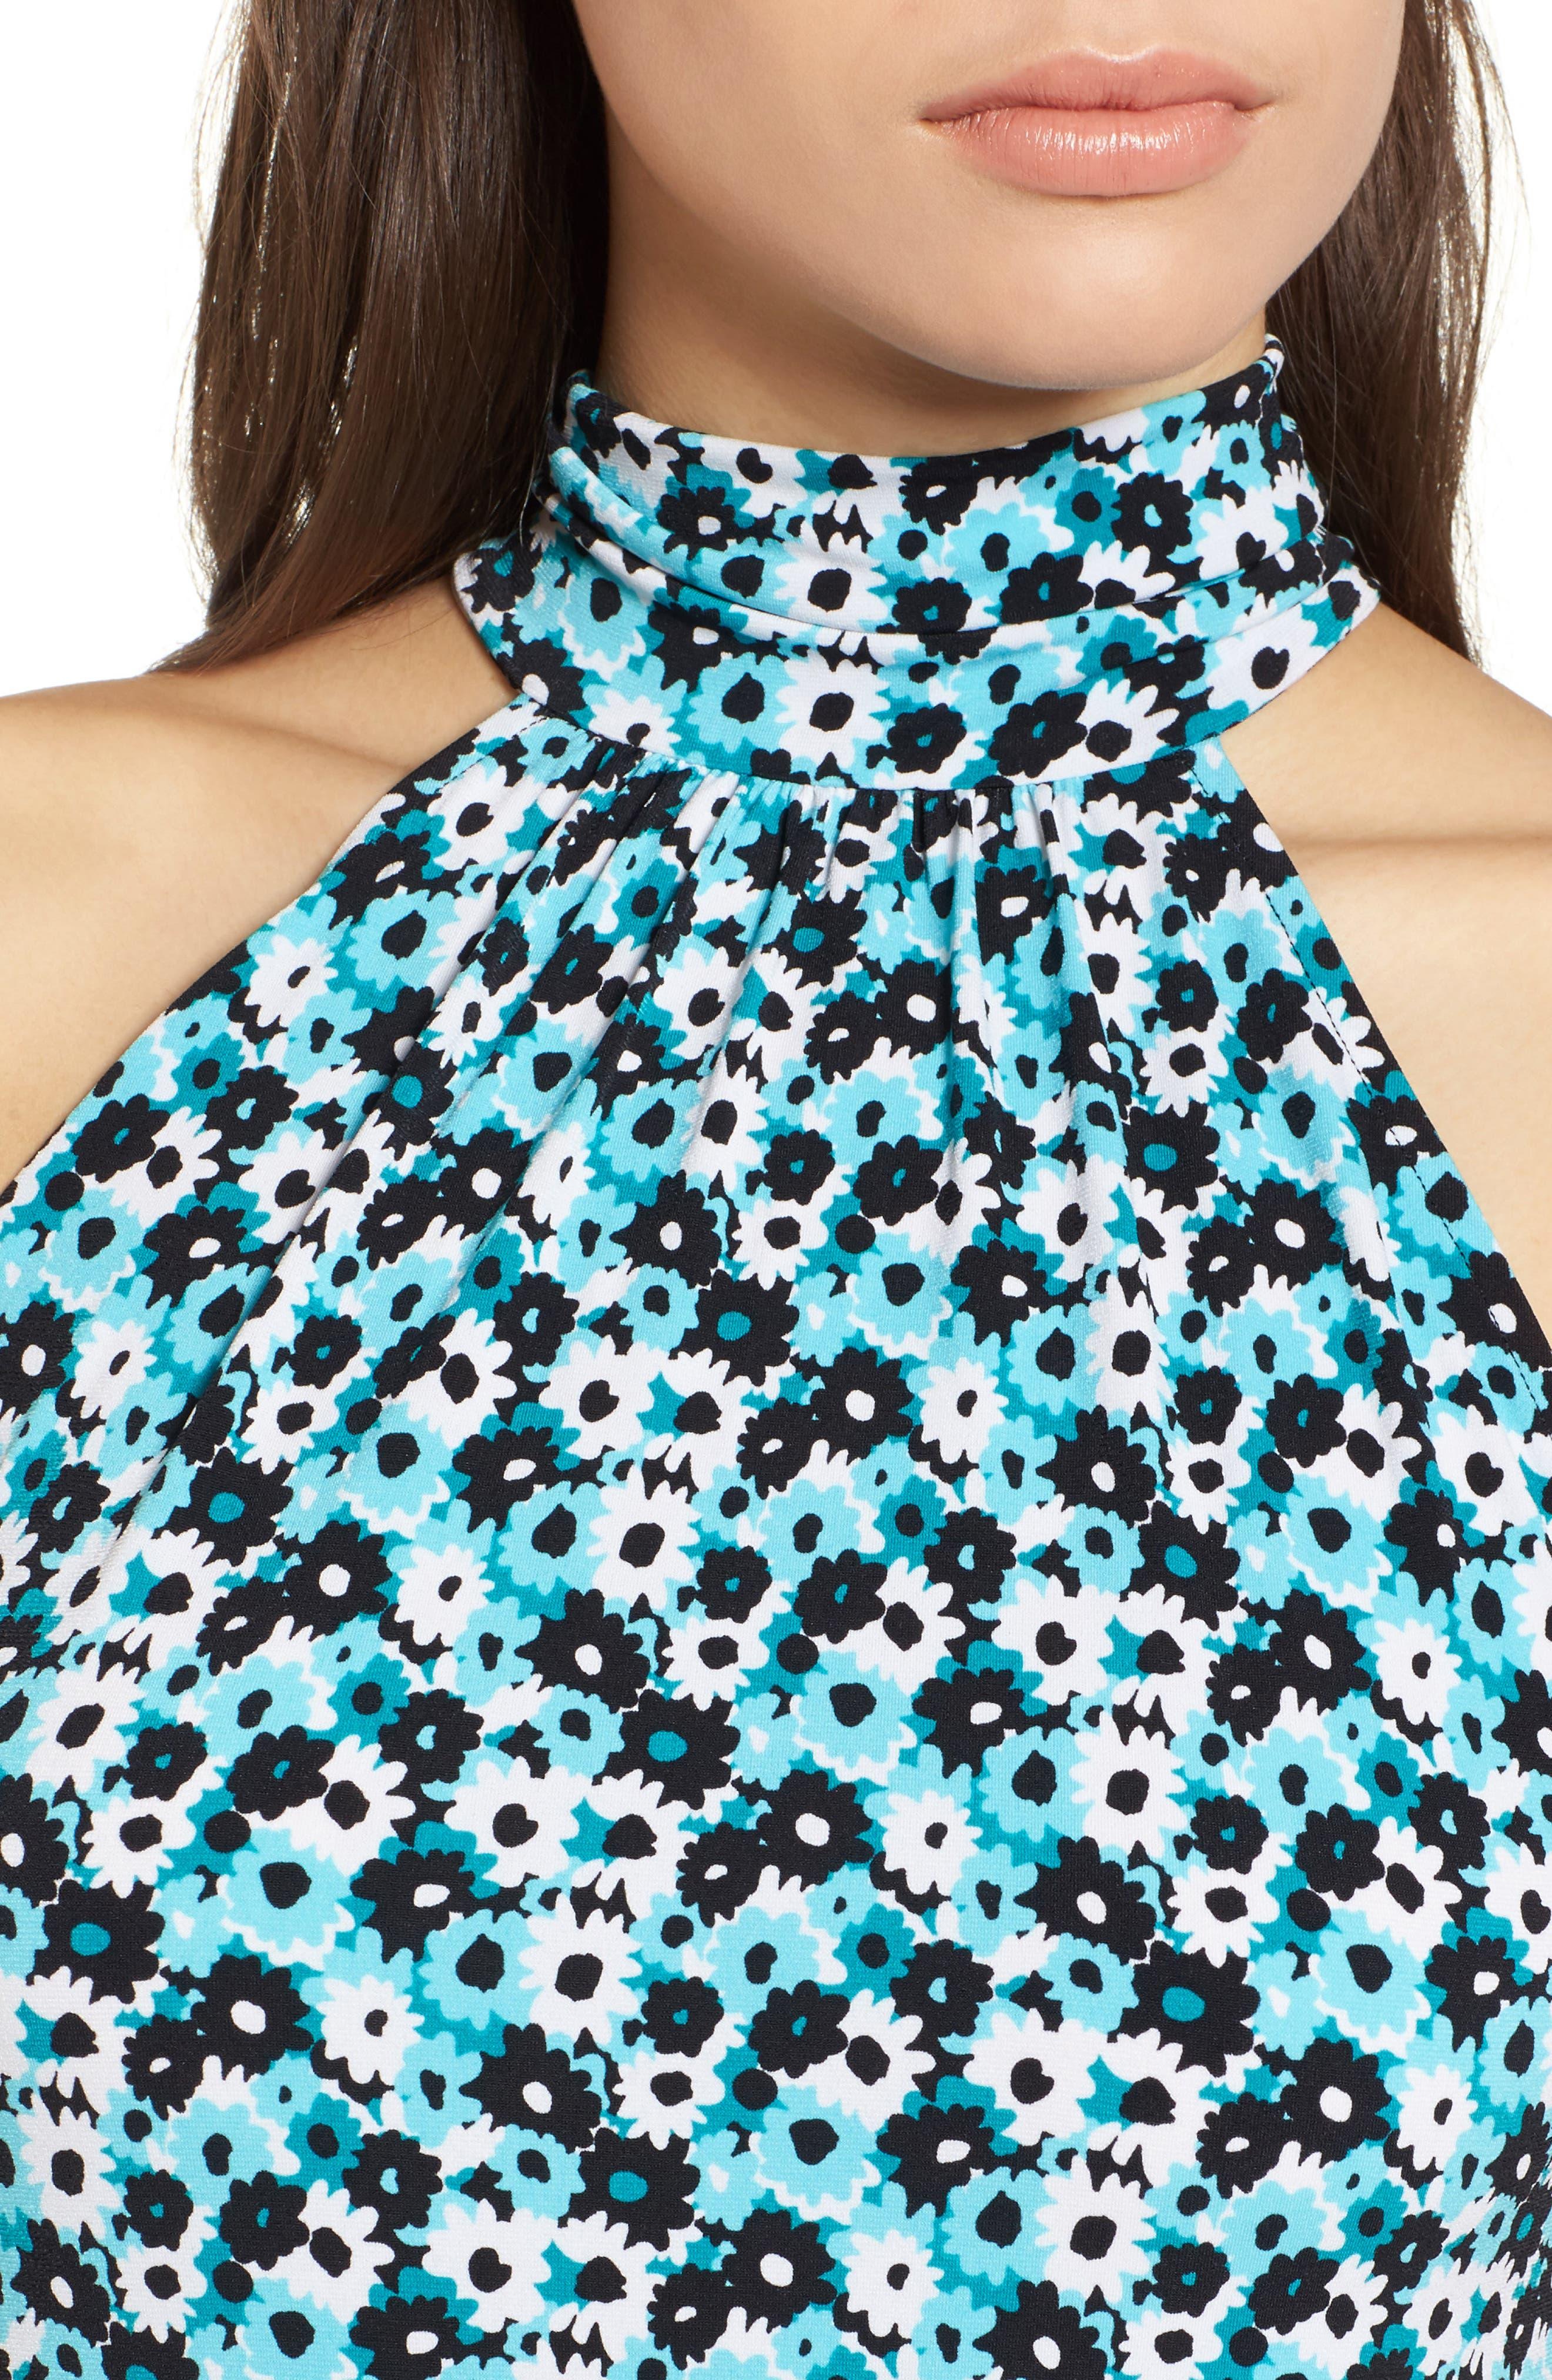 Carnation Sleeveless Dress,                             Alternate thumbnail 4, color,                             Tile Blue/ Black Multi